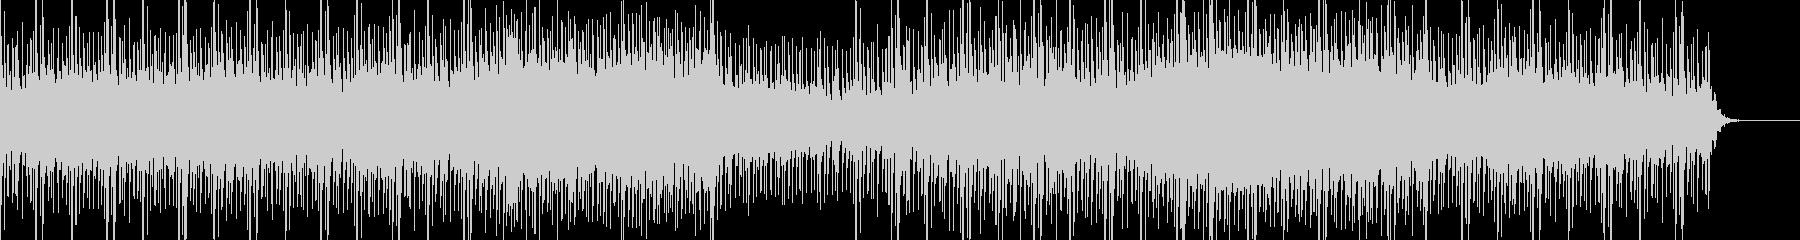 シンセ音が軽快なアップテンポの曲です。の未再生の波形